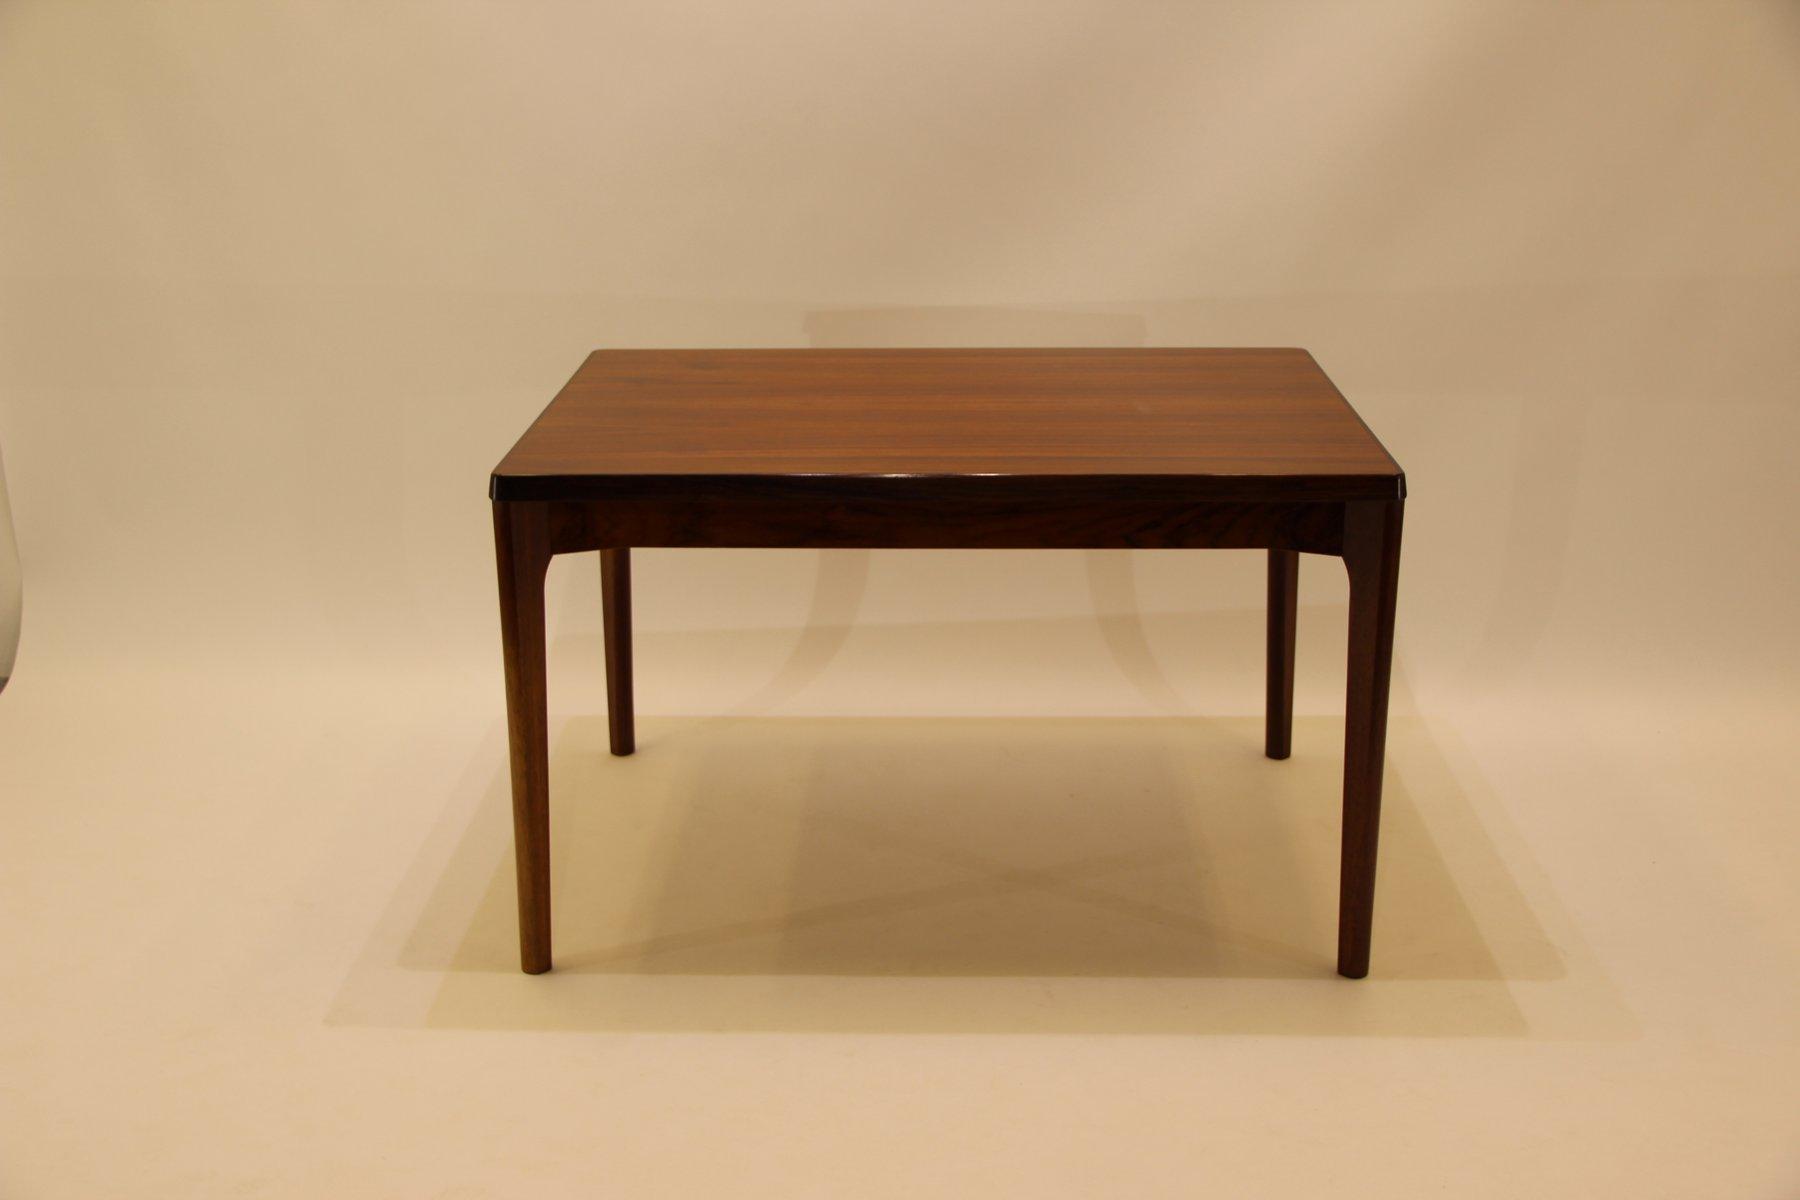 mid century palisander esstisch von henning kj rnulf f r vejle moebelfabrik bei pamono kaufen. Black Bedroom Furniture Sets. Home Design Ideas